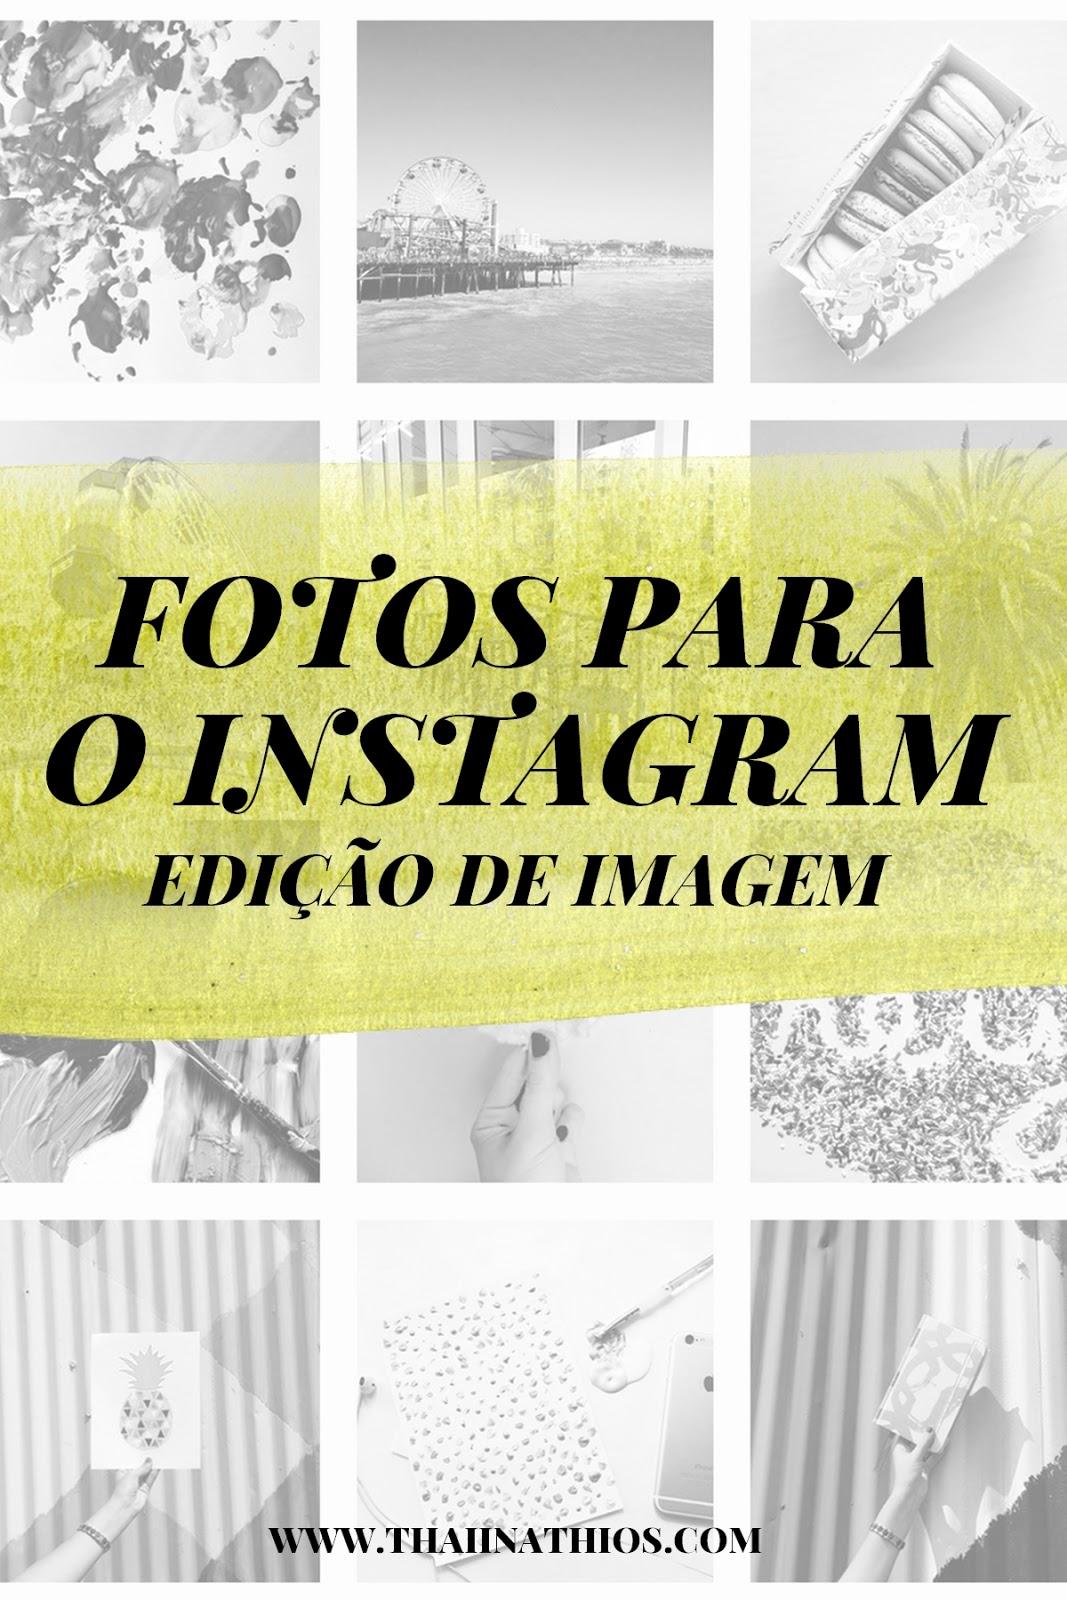 Fotos para o Instagram | Edição de Imagem